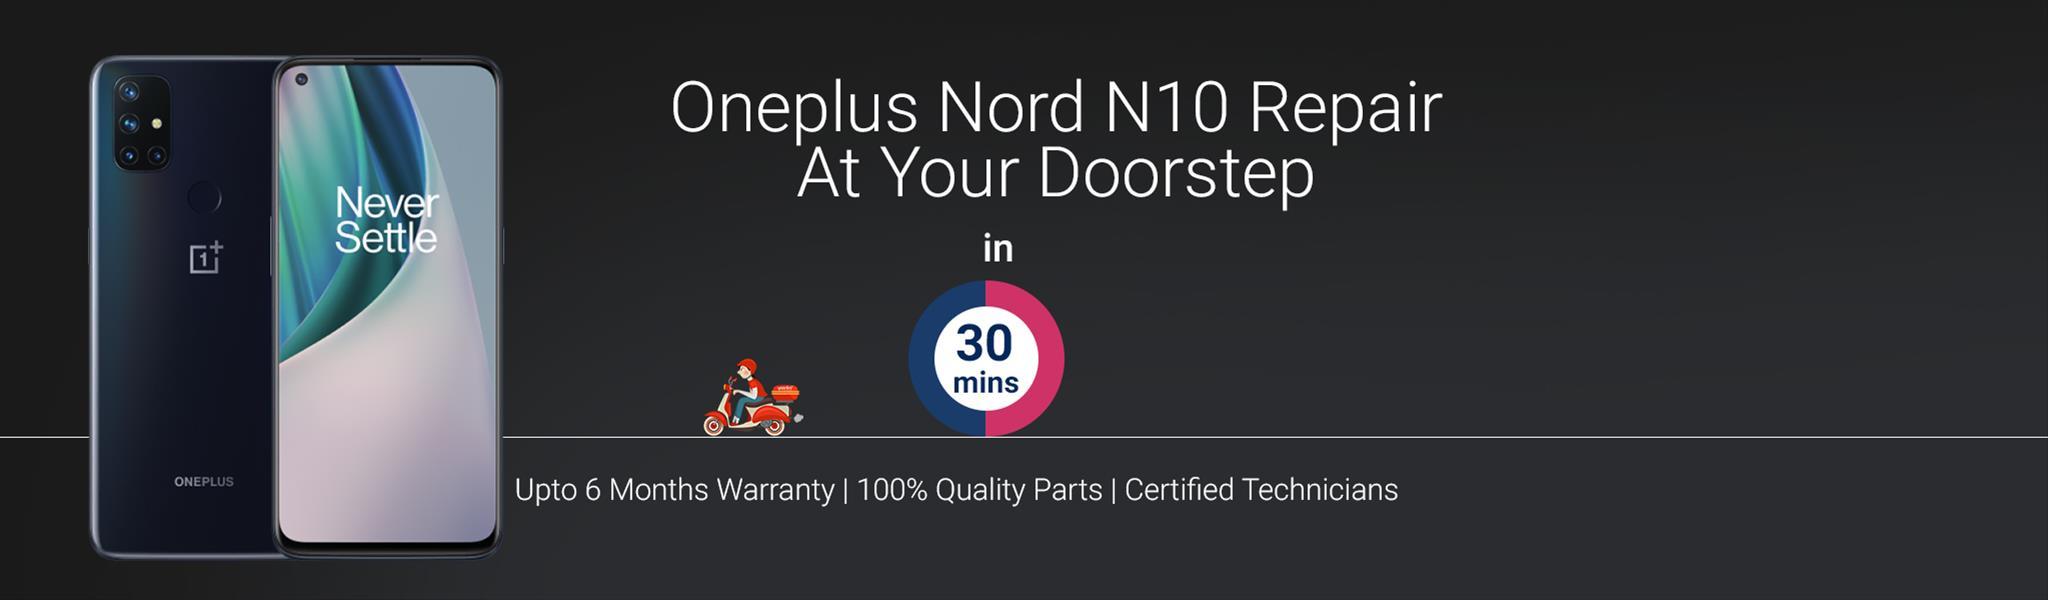 nord-n10-repair.jpg